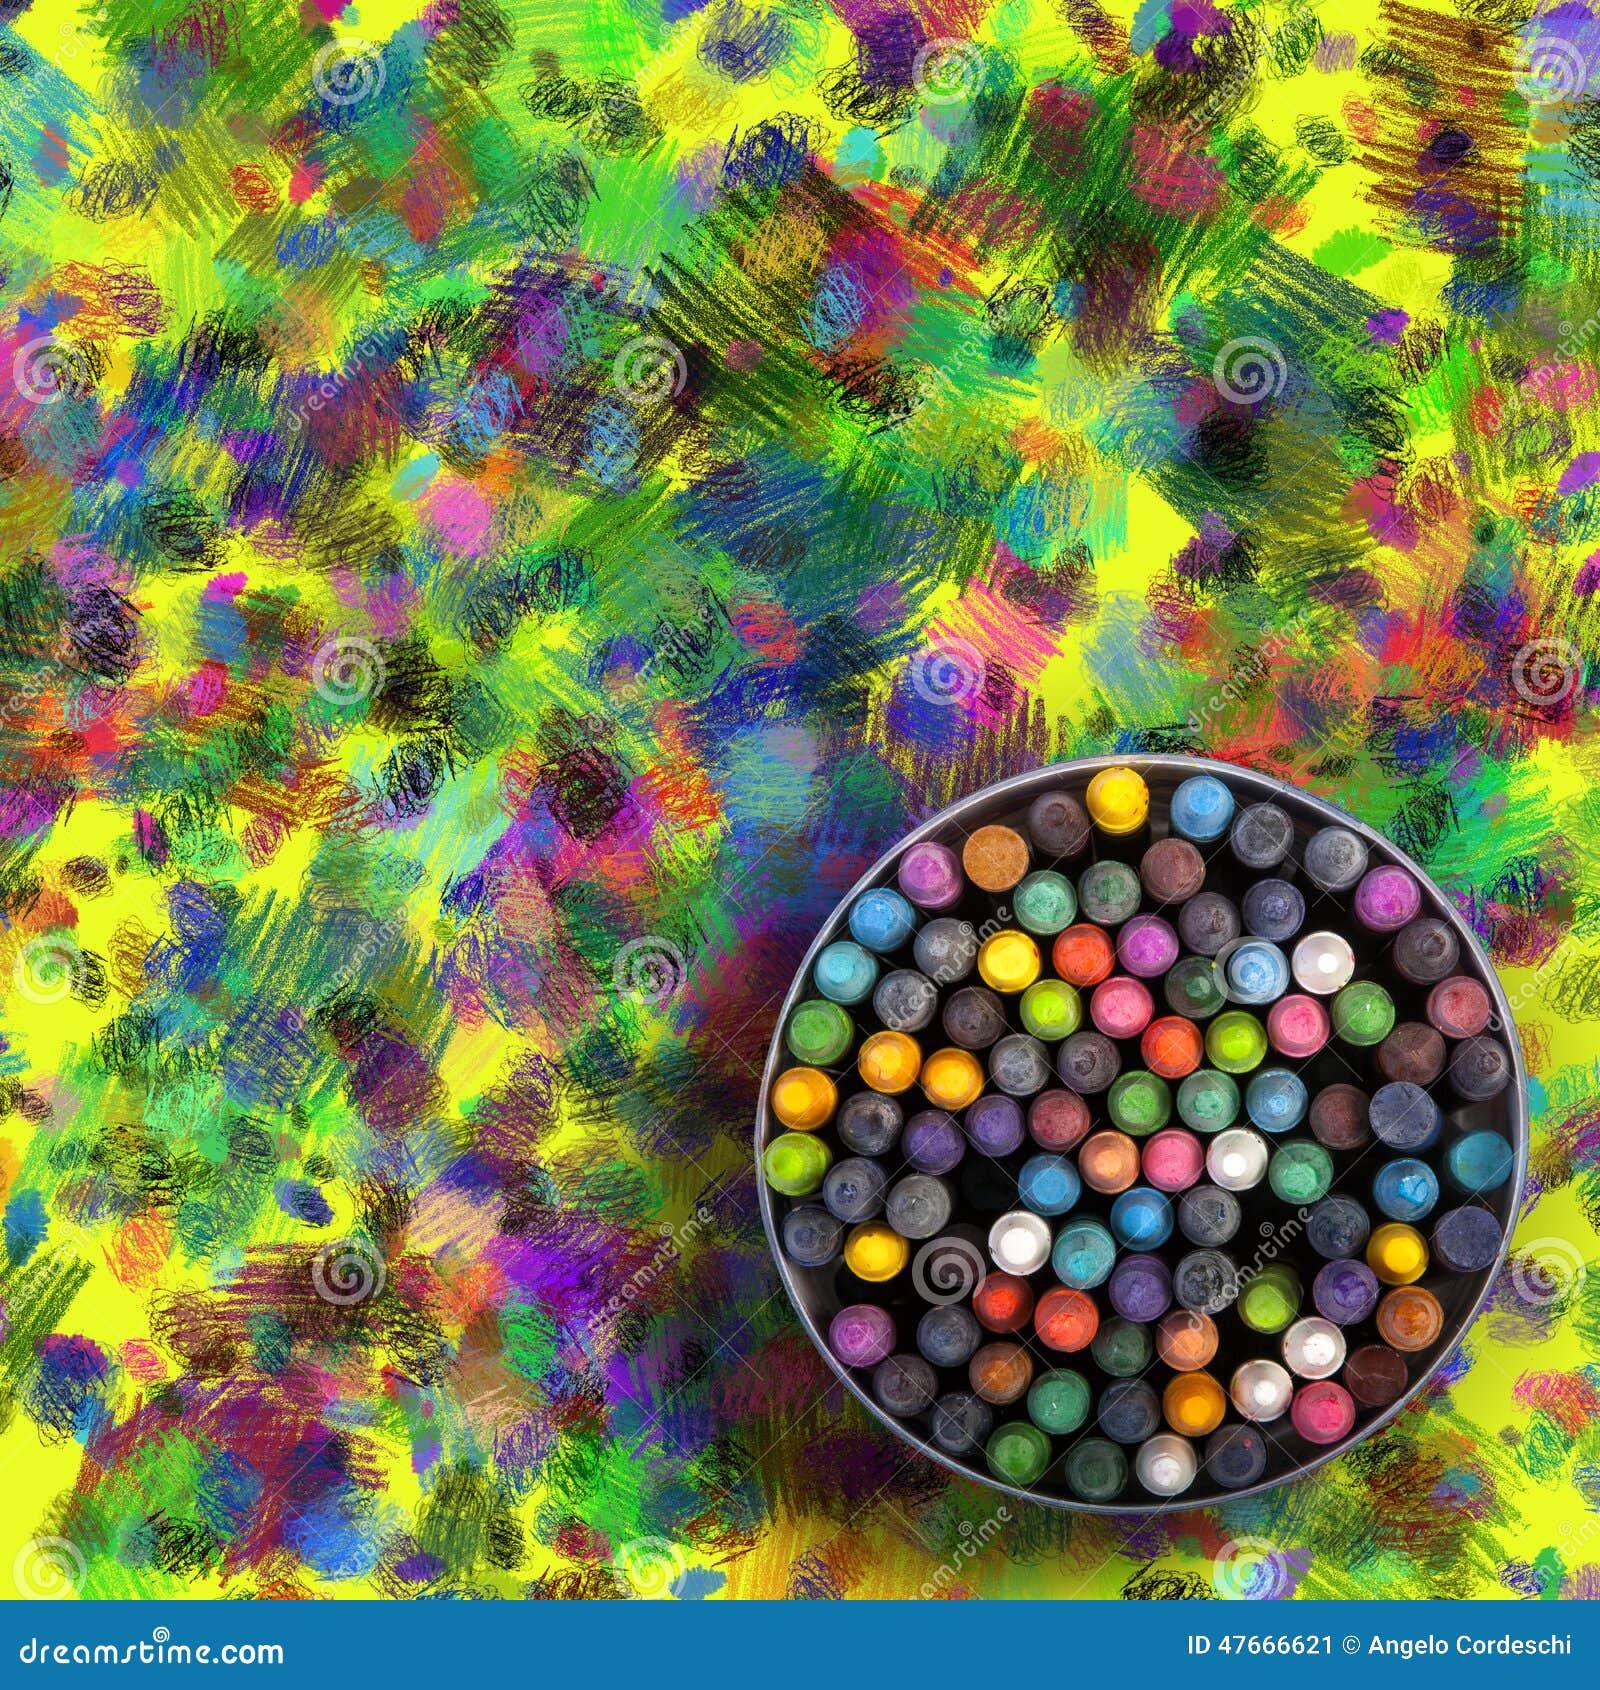 interior colorful wallpaper right - photo #32